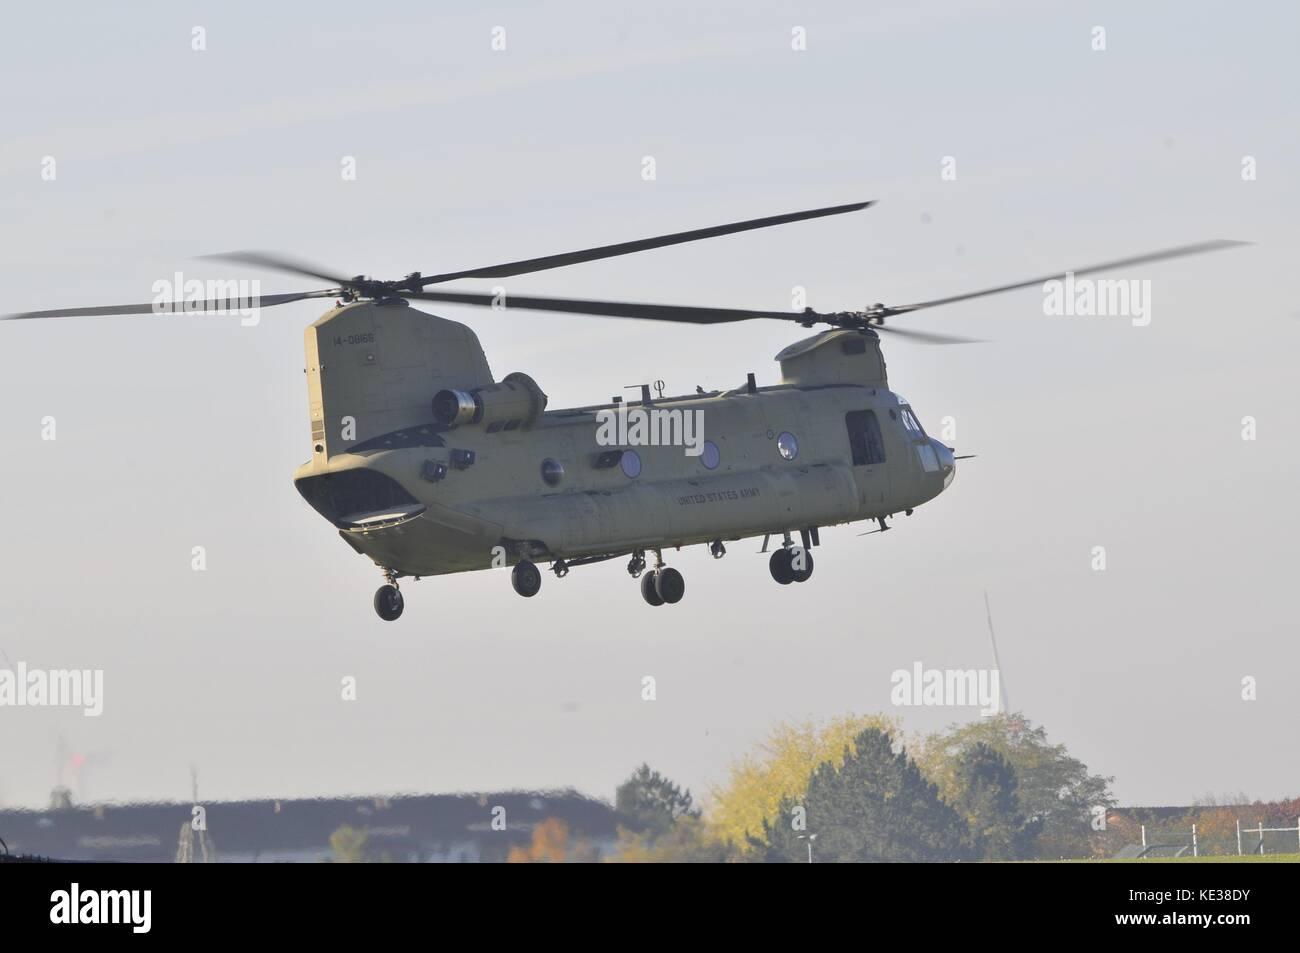 Elicottero Ch : Ch elicottero chinook foto immagine stock alamy